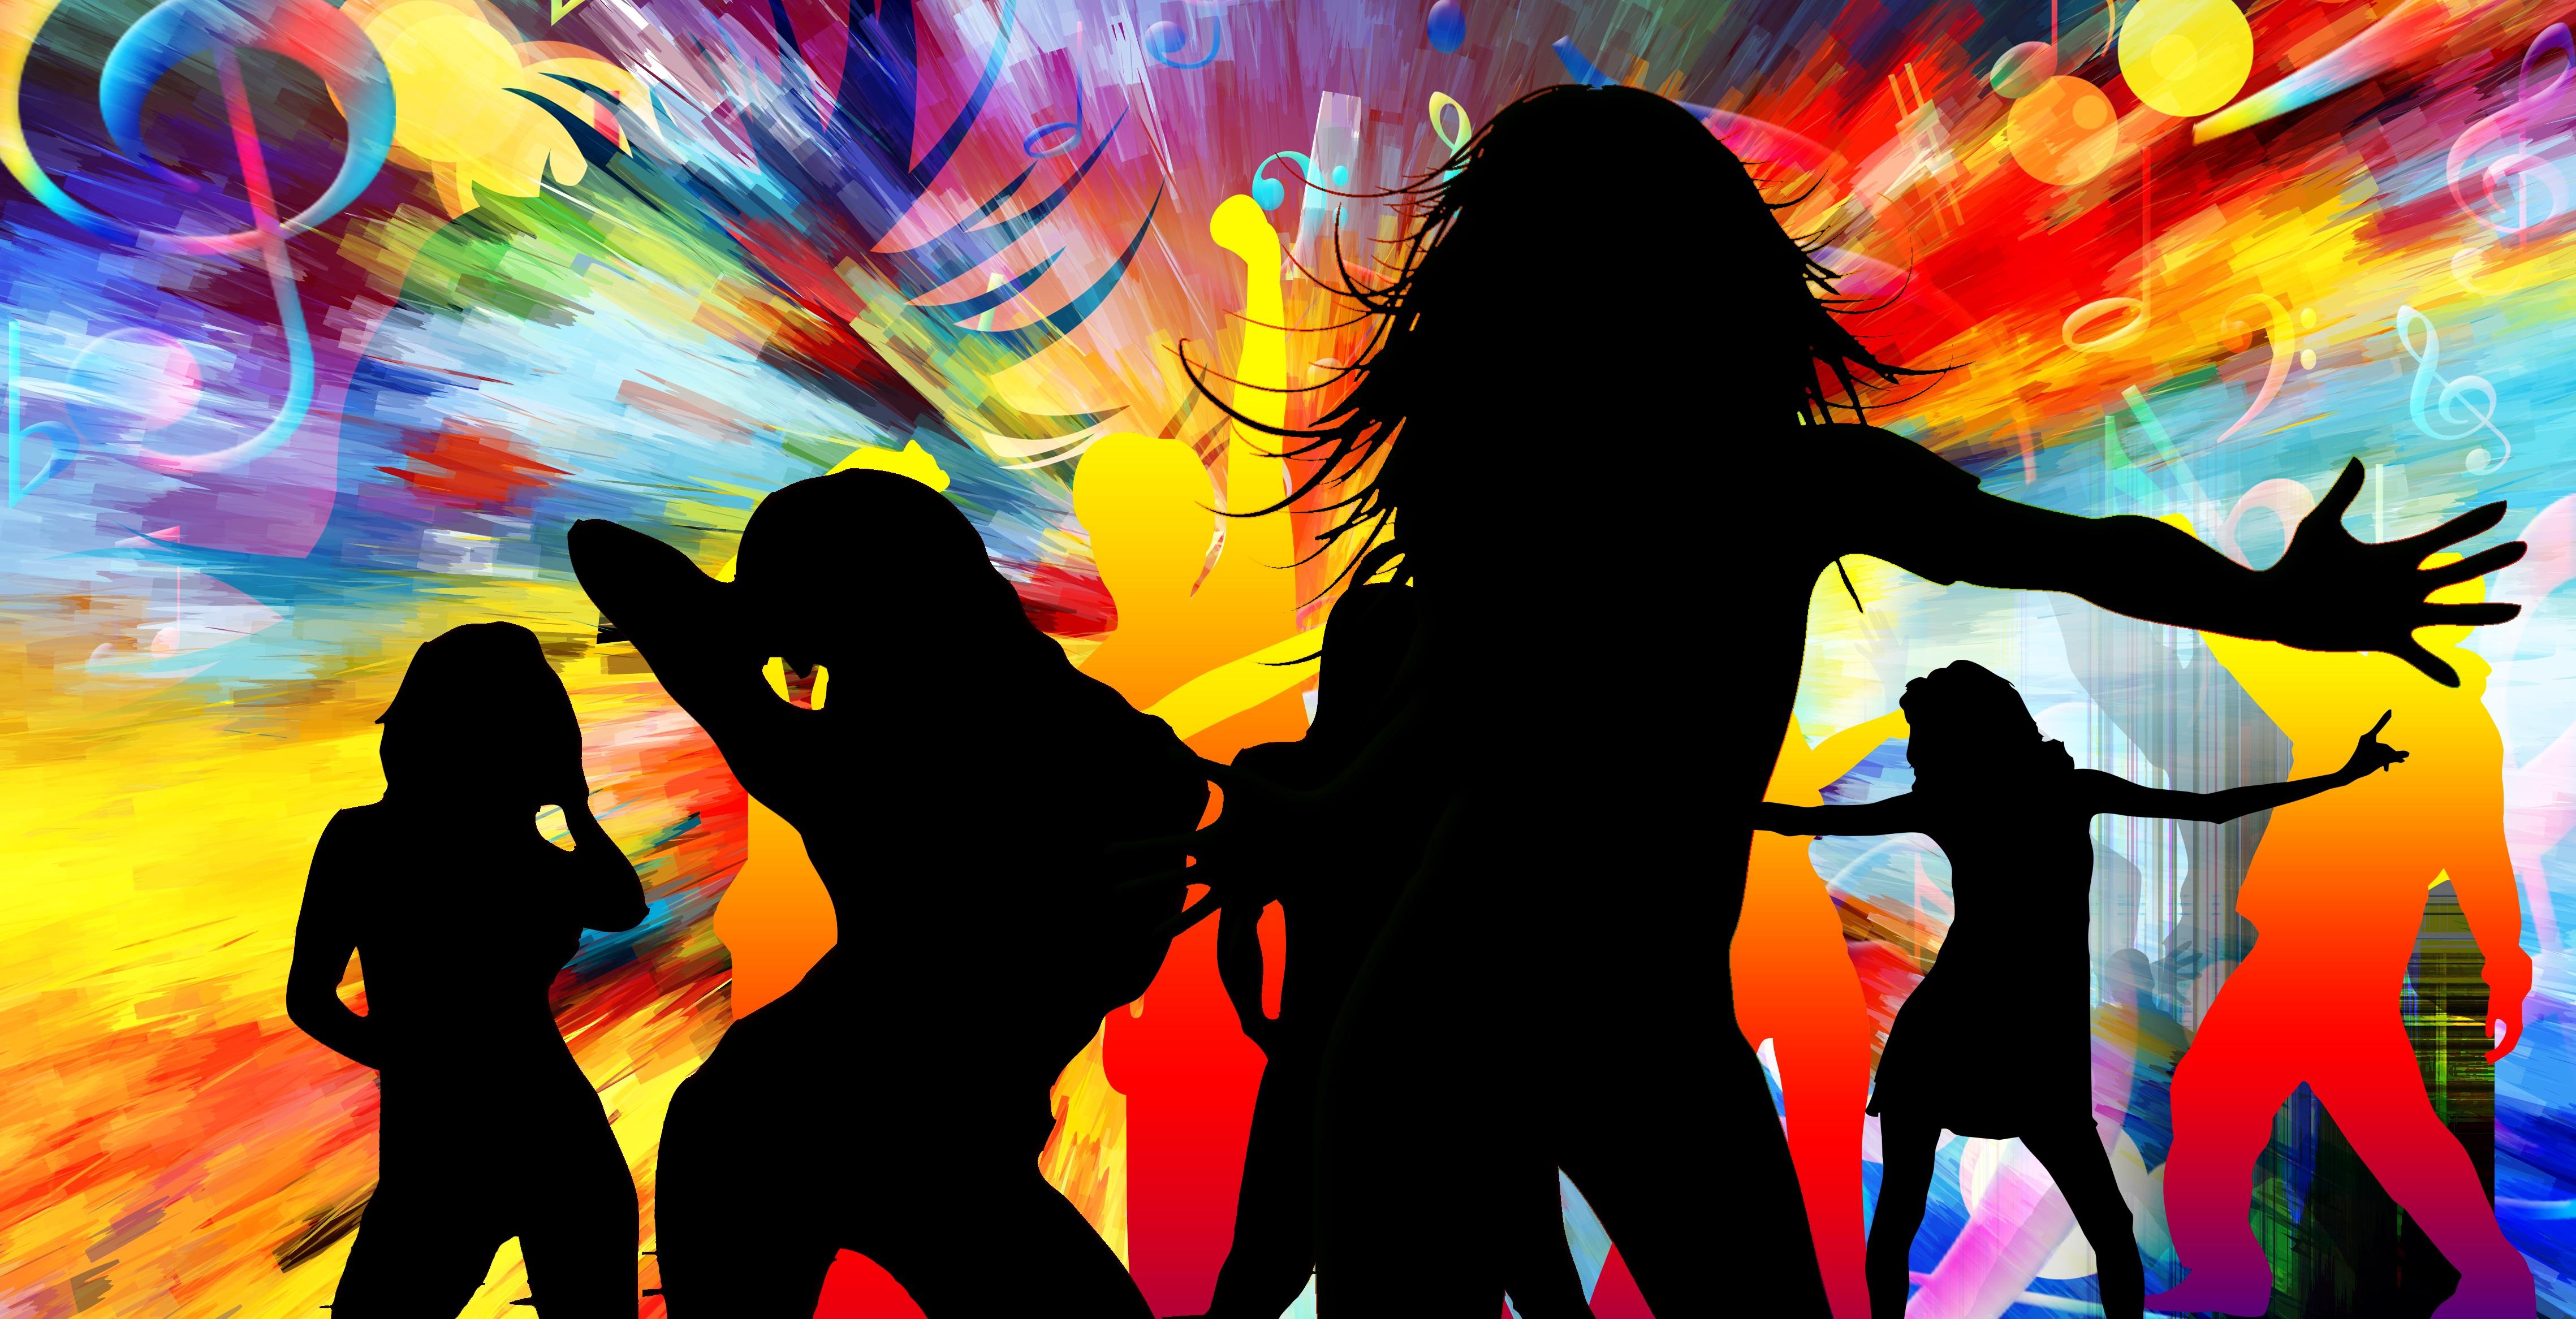 экспертиза я танцую разноцветные картинки подмосковья делятся